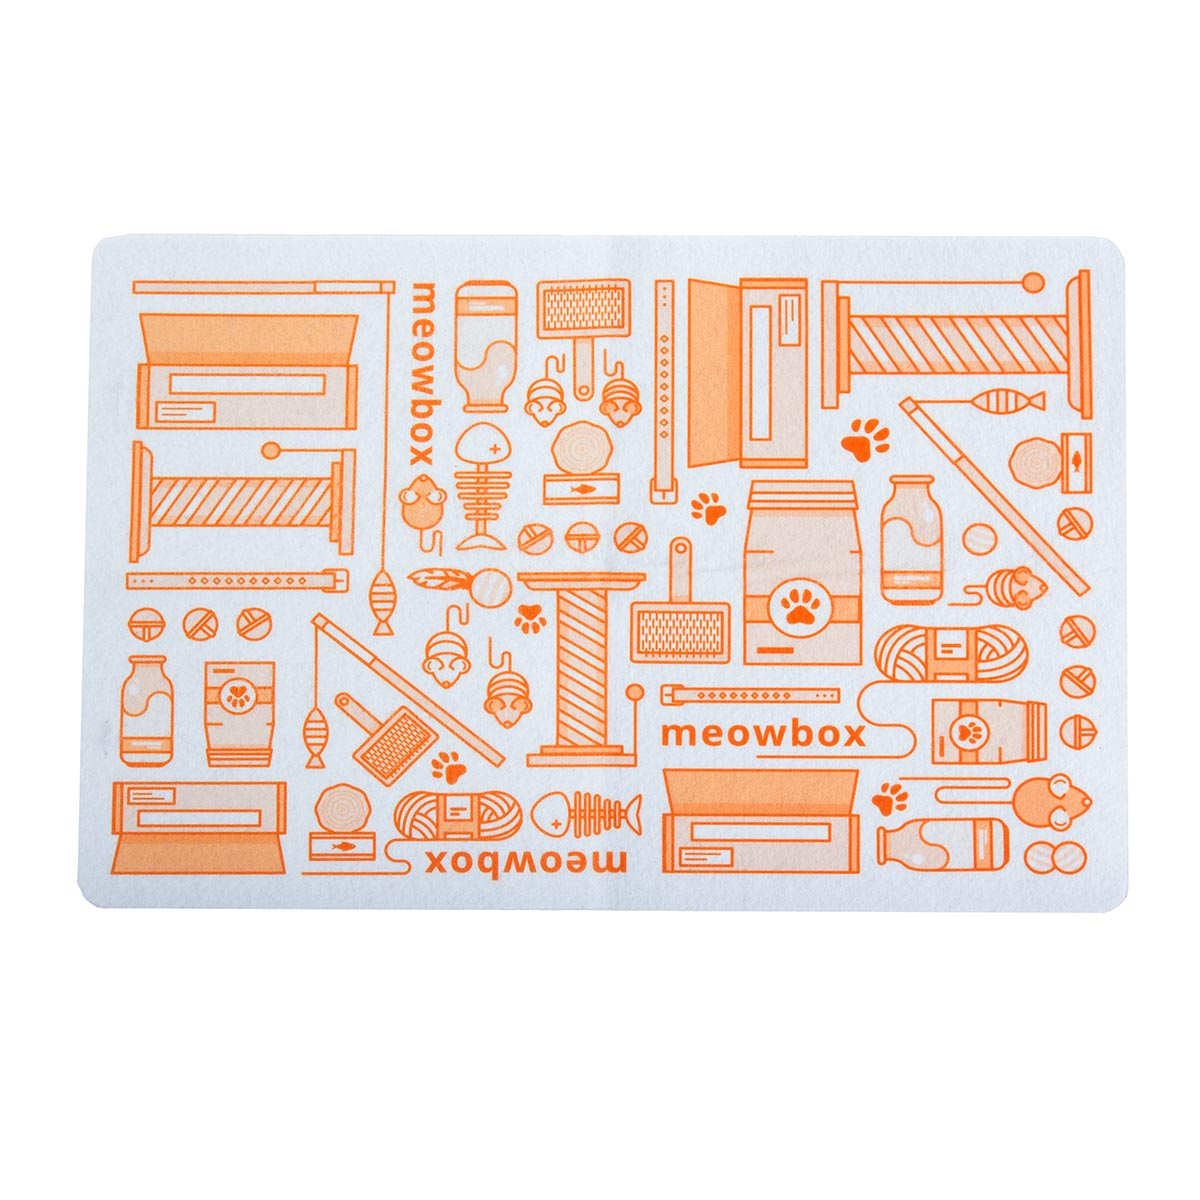 meowbox Placemat